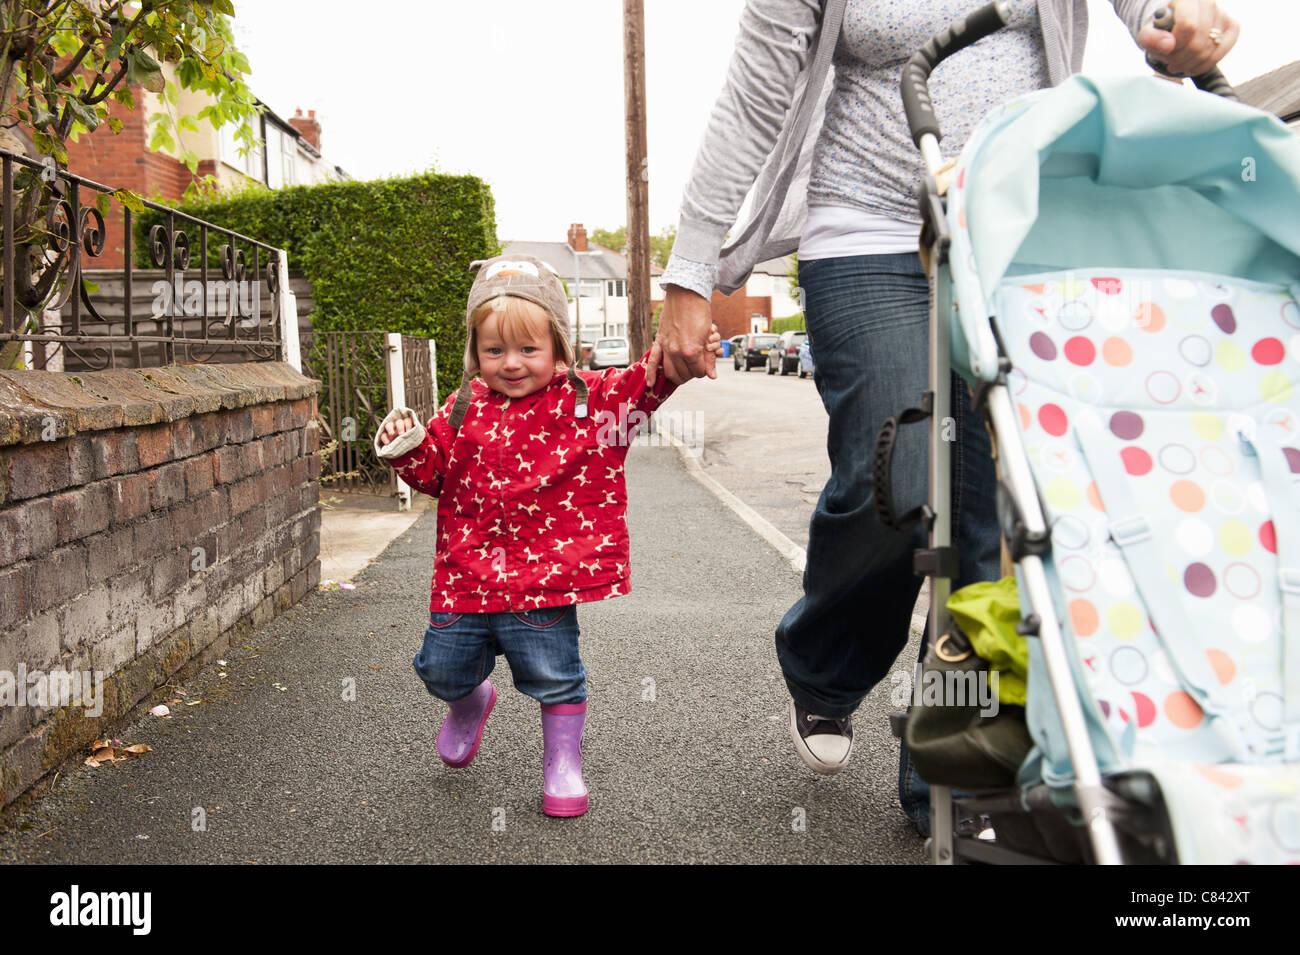 Niño Niña caminando con madre Imagen De Stock